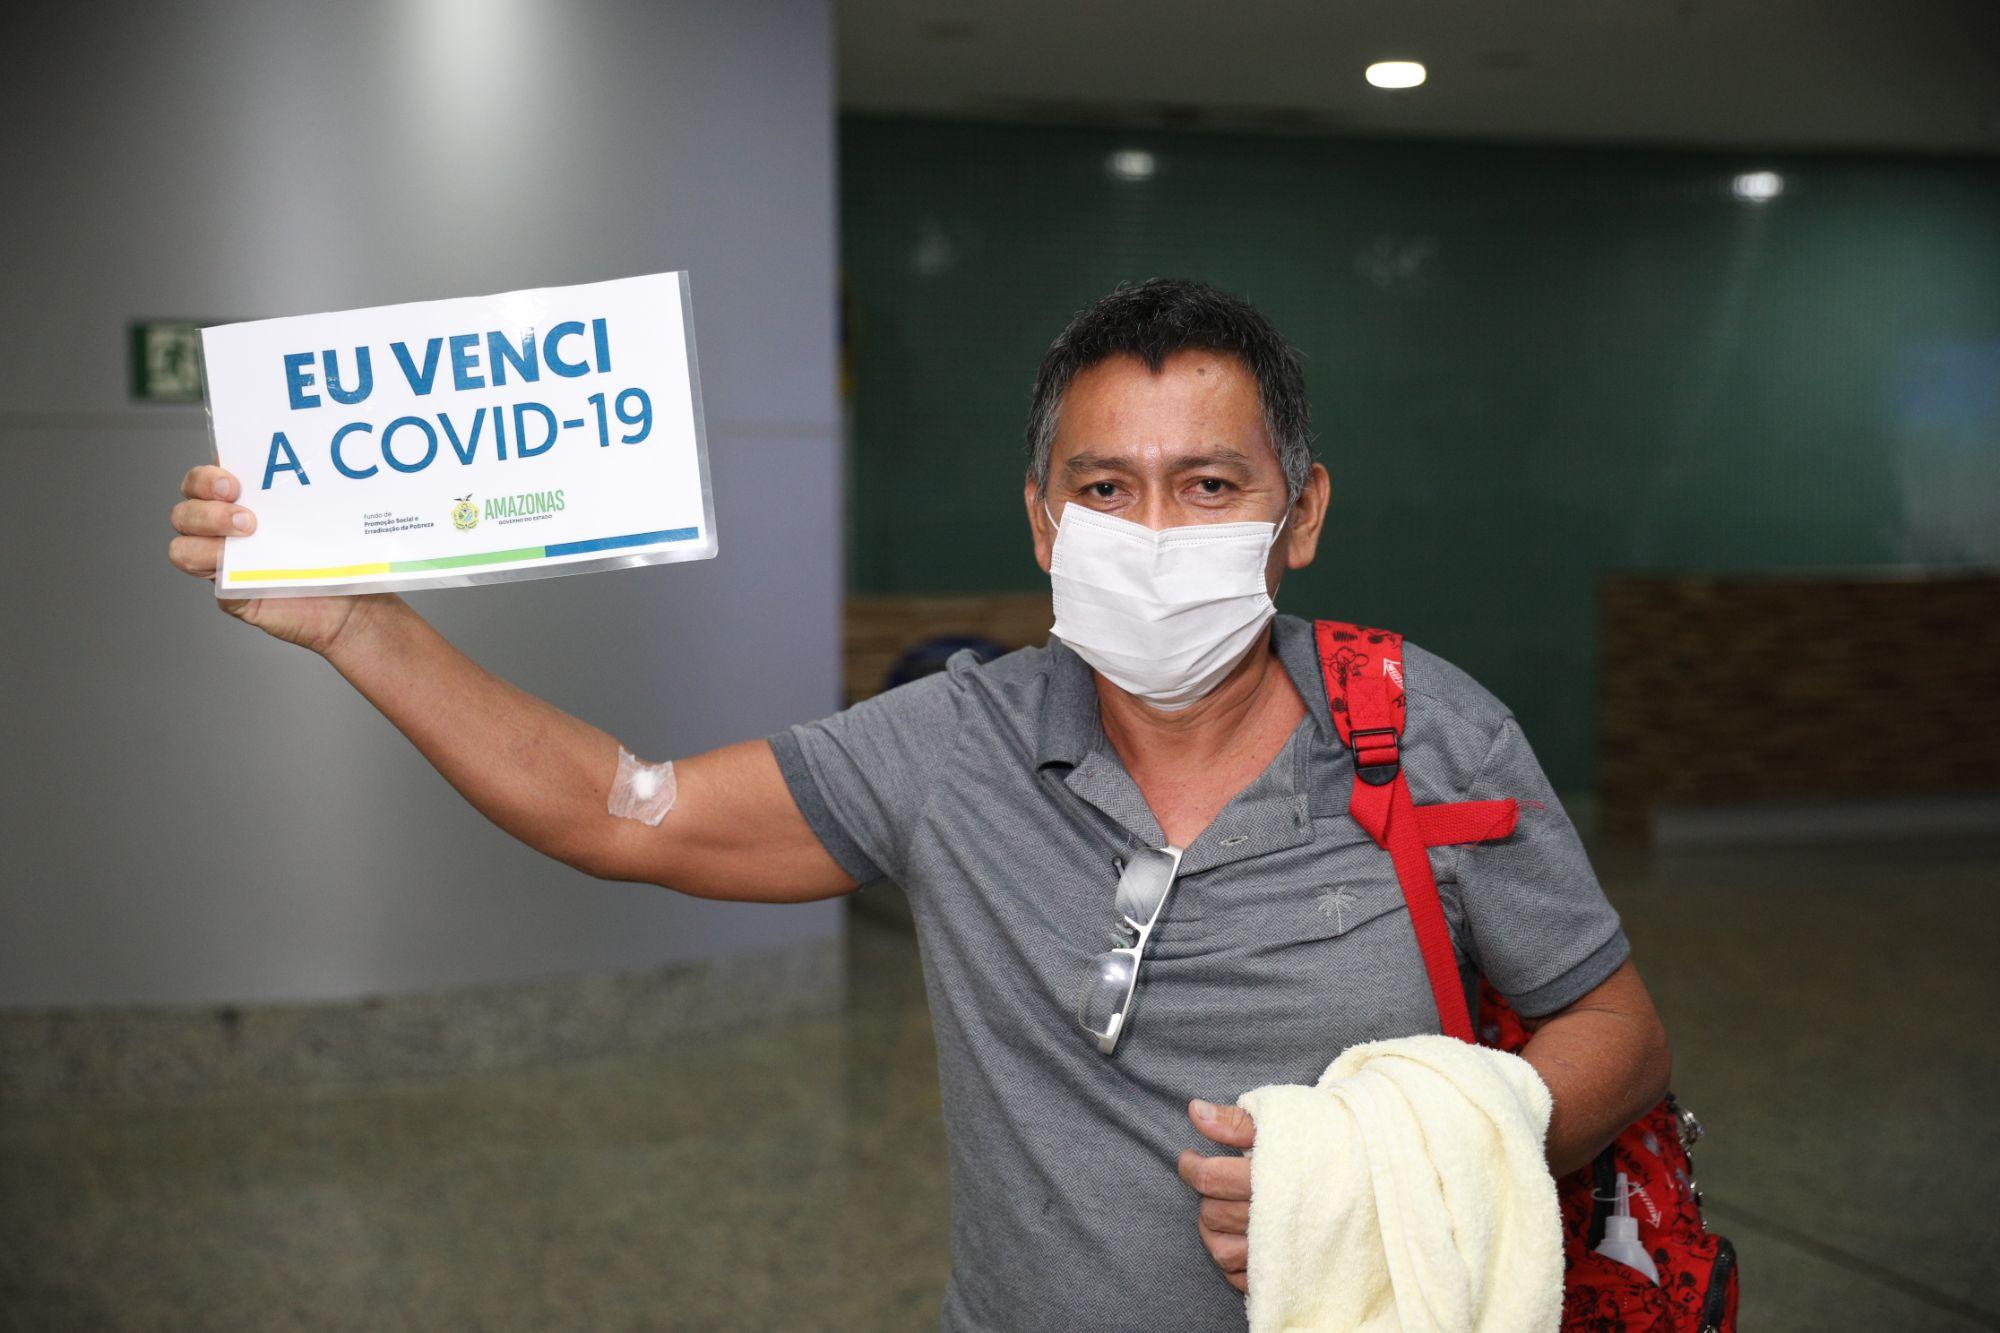 Recomeço: mais dois pacientes recuperados da Covid-19 retornam a Manaus, após tratamento no Rio Grande do Norte